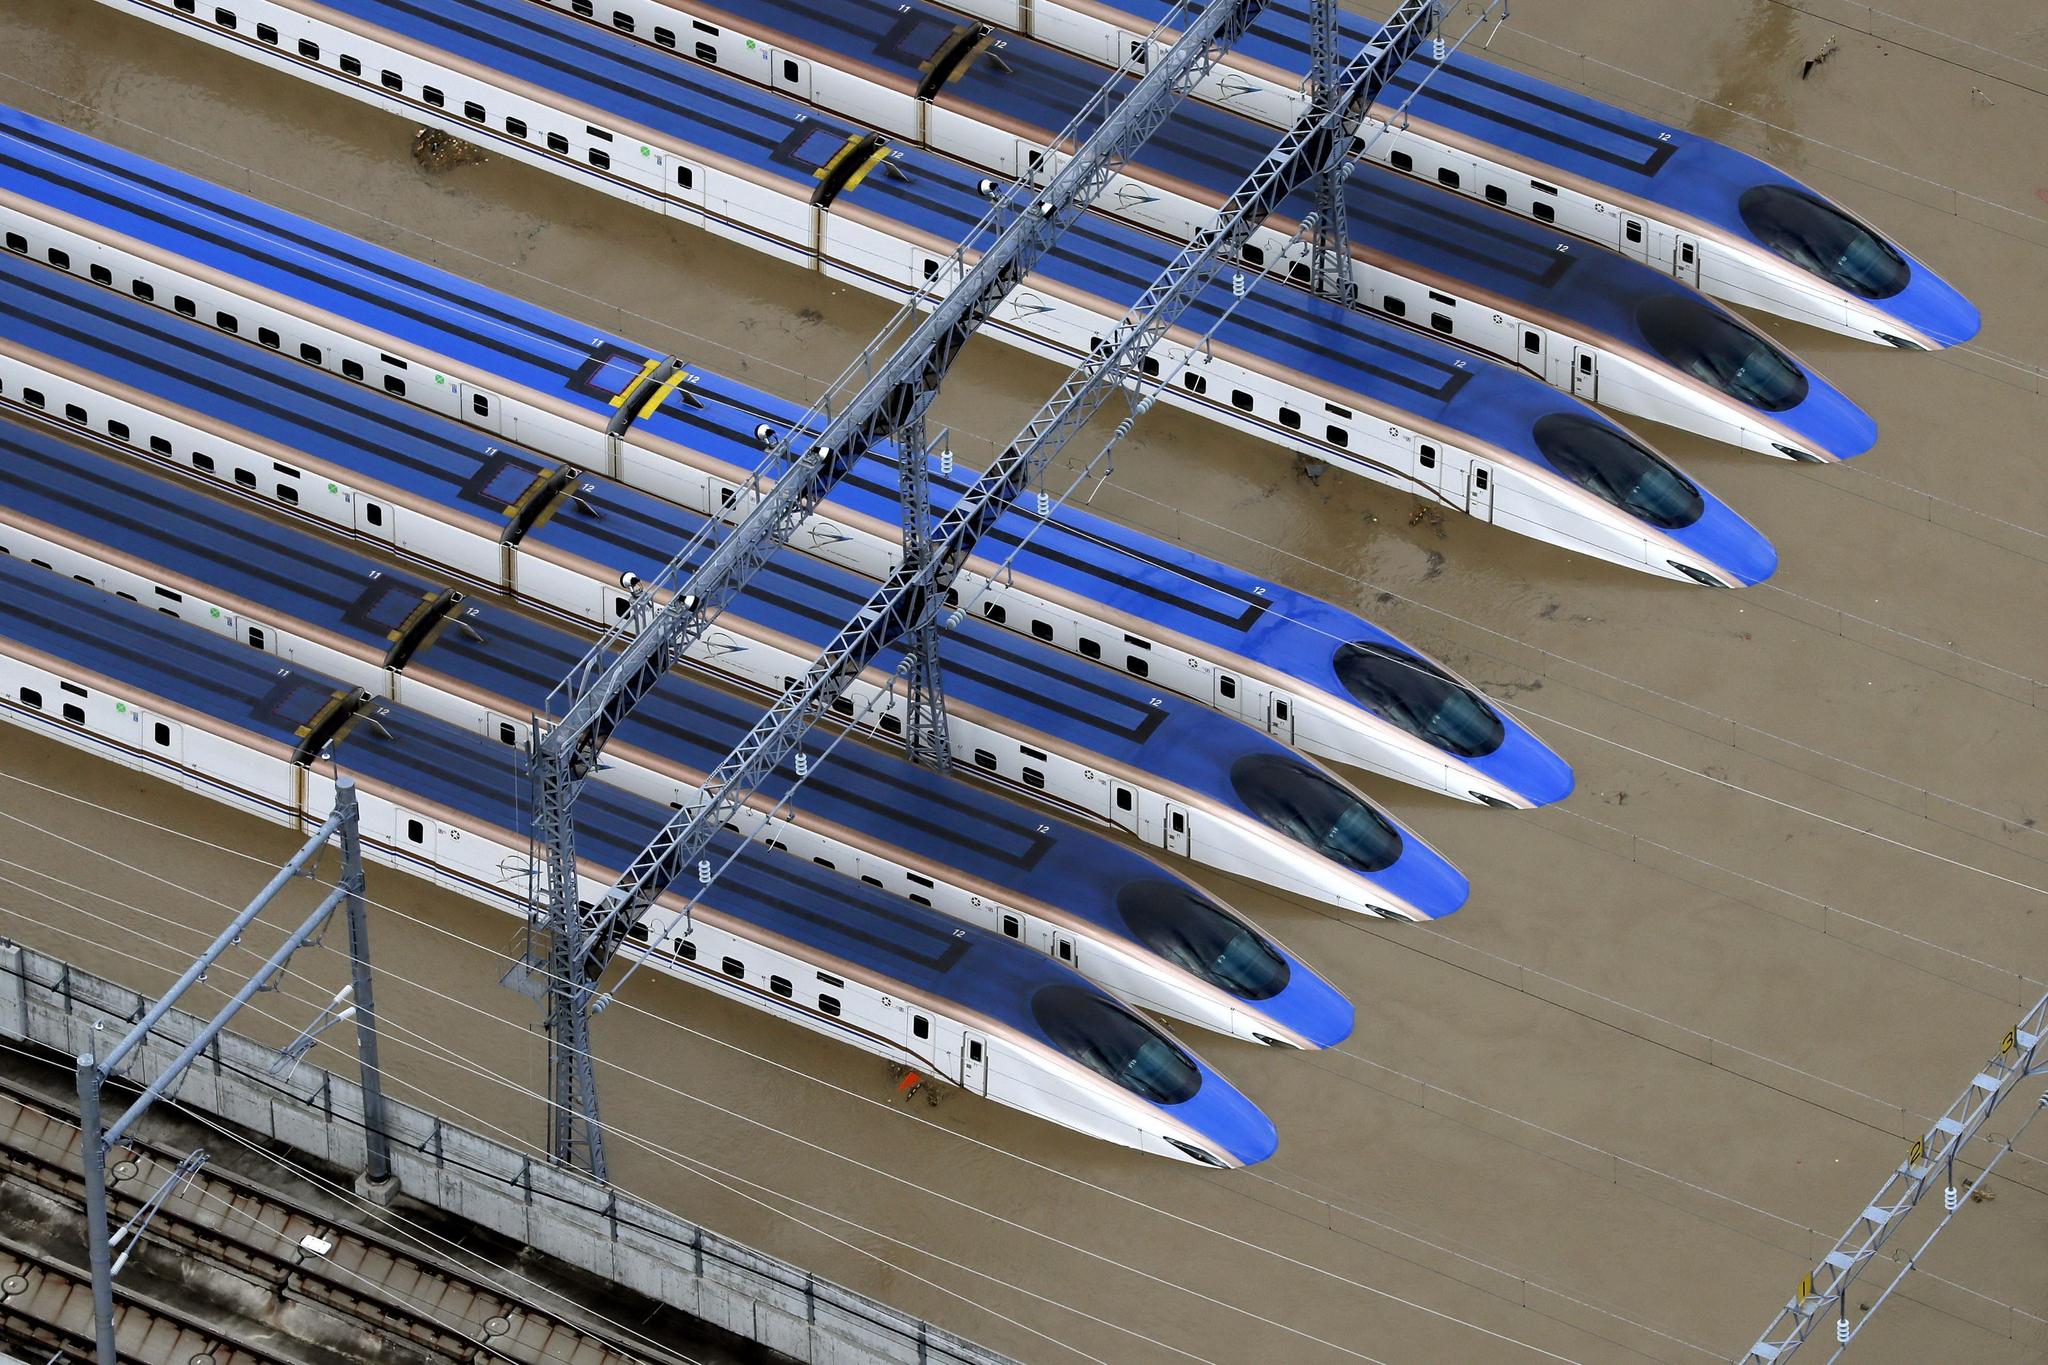 일본 중부 나가노현의 신칸센 열차가 태풍 하기비스가 몰고 온 폭우로 흙탕물에 잠겨 있다. [AP=연합뉴스]